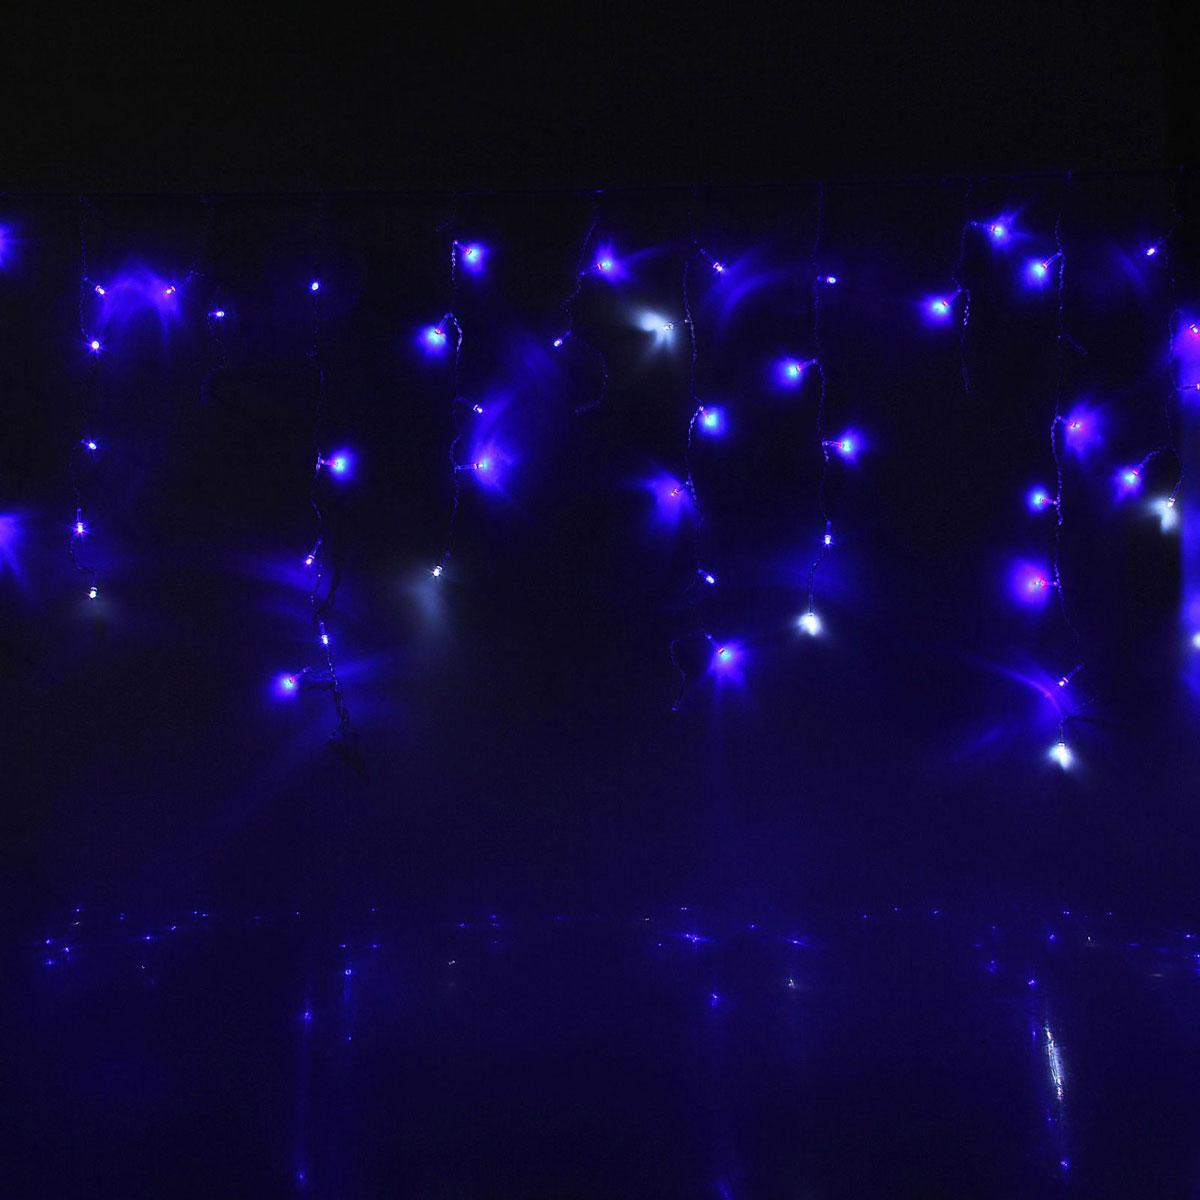 Гирлянда светодиодная Luazon Бахрома, уличная, 8 режимов, 60 ламп, 220V, цвет: белый, синий, 1 х 0,6 м. 10801361080136Светодиодные гирлянды, ленты и т.д — это отличный вариант для новогоднего оформления интерьера или фасада. С их помощью помещение любого размера можно превратить в праздничный зал, а внешние элементы зданий, украшенные ими, мгновенно станут напоминать очертания сказочного дворца. Такие украшения создают ауру предвкушения чуда. Деревья, фасады, витрины, окна и арки будто специально созданы, чтобы вы украсили их светящимися нитями.